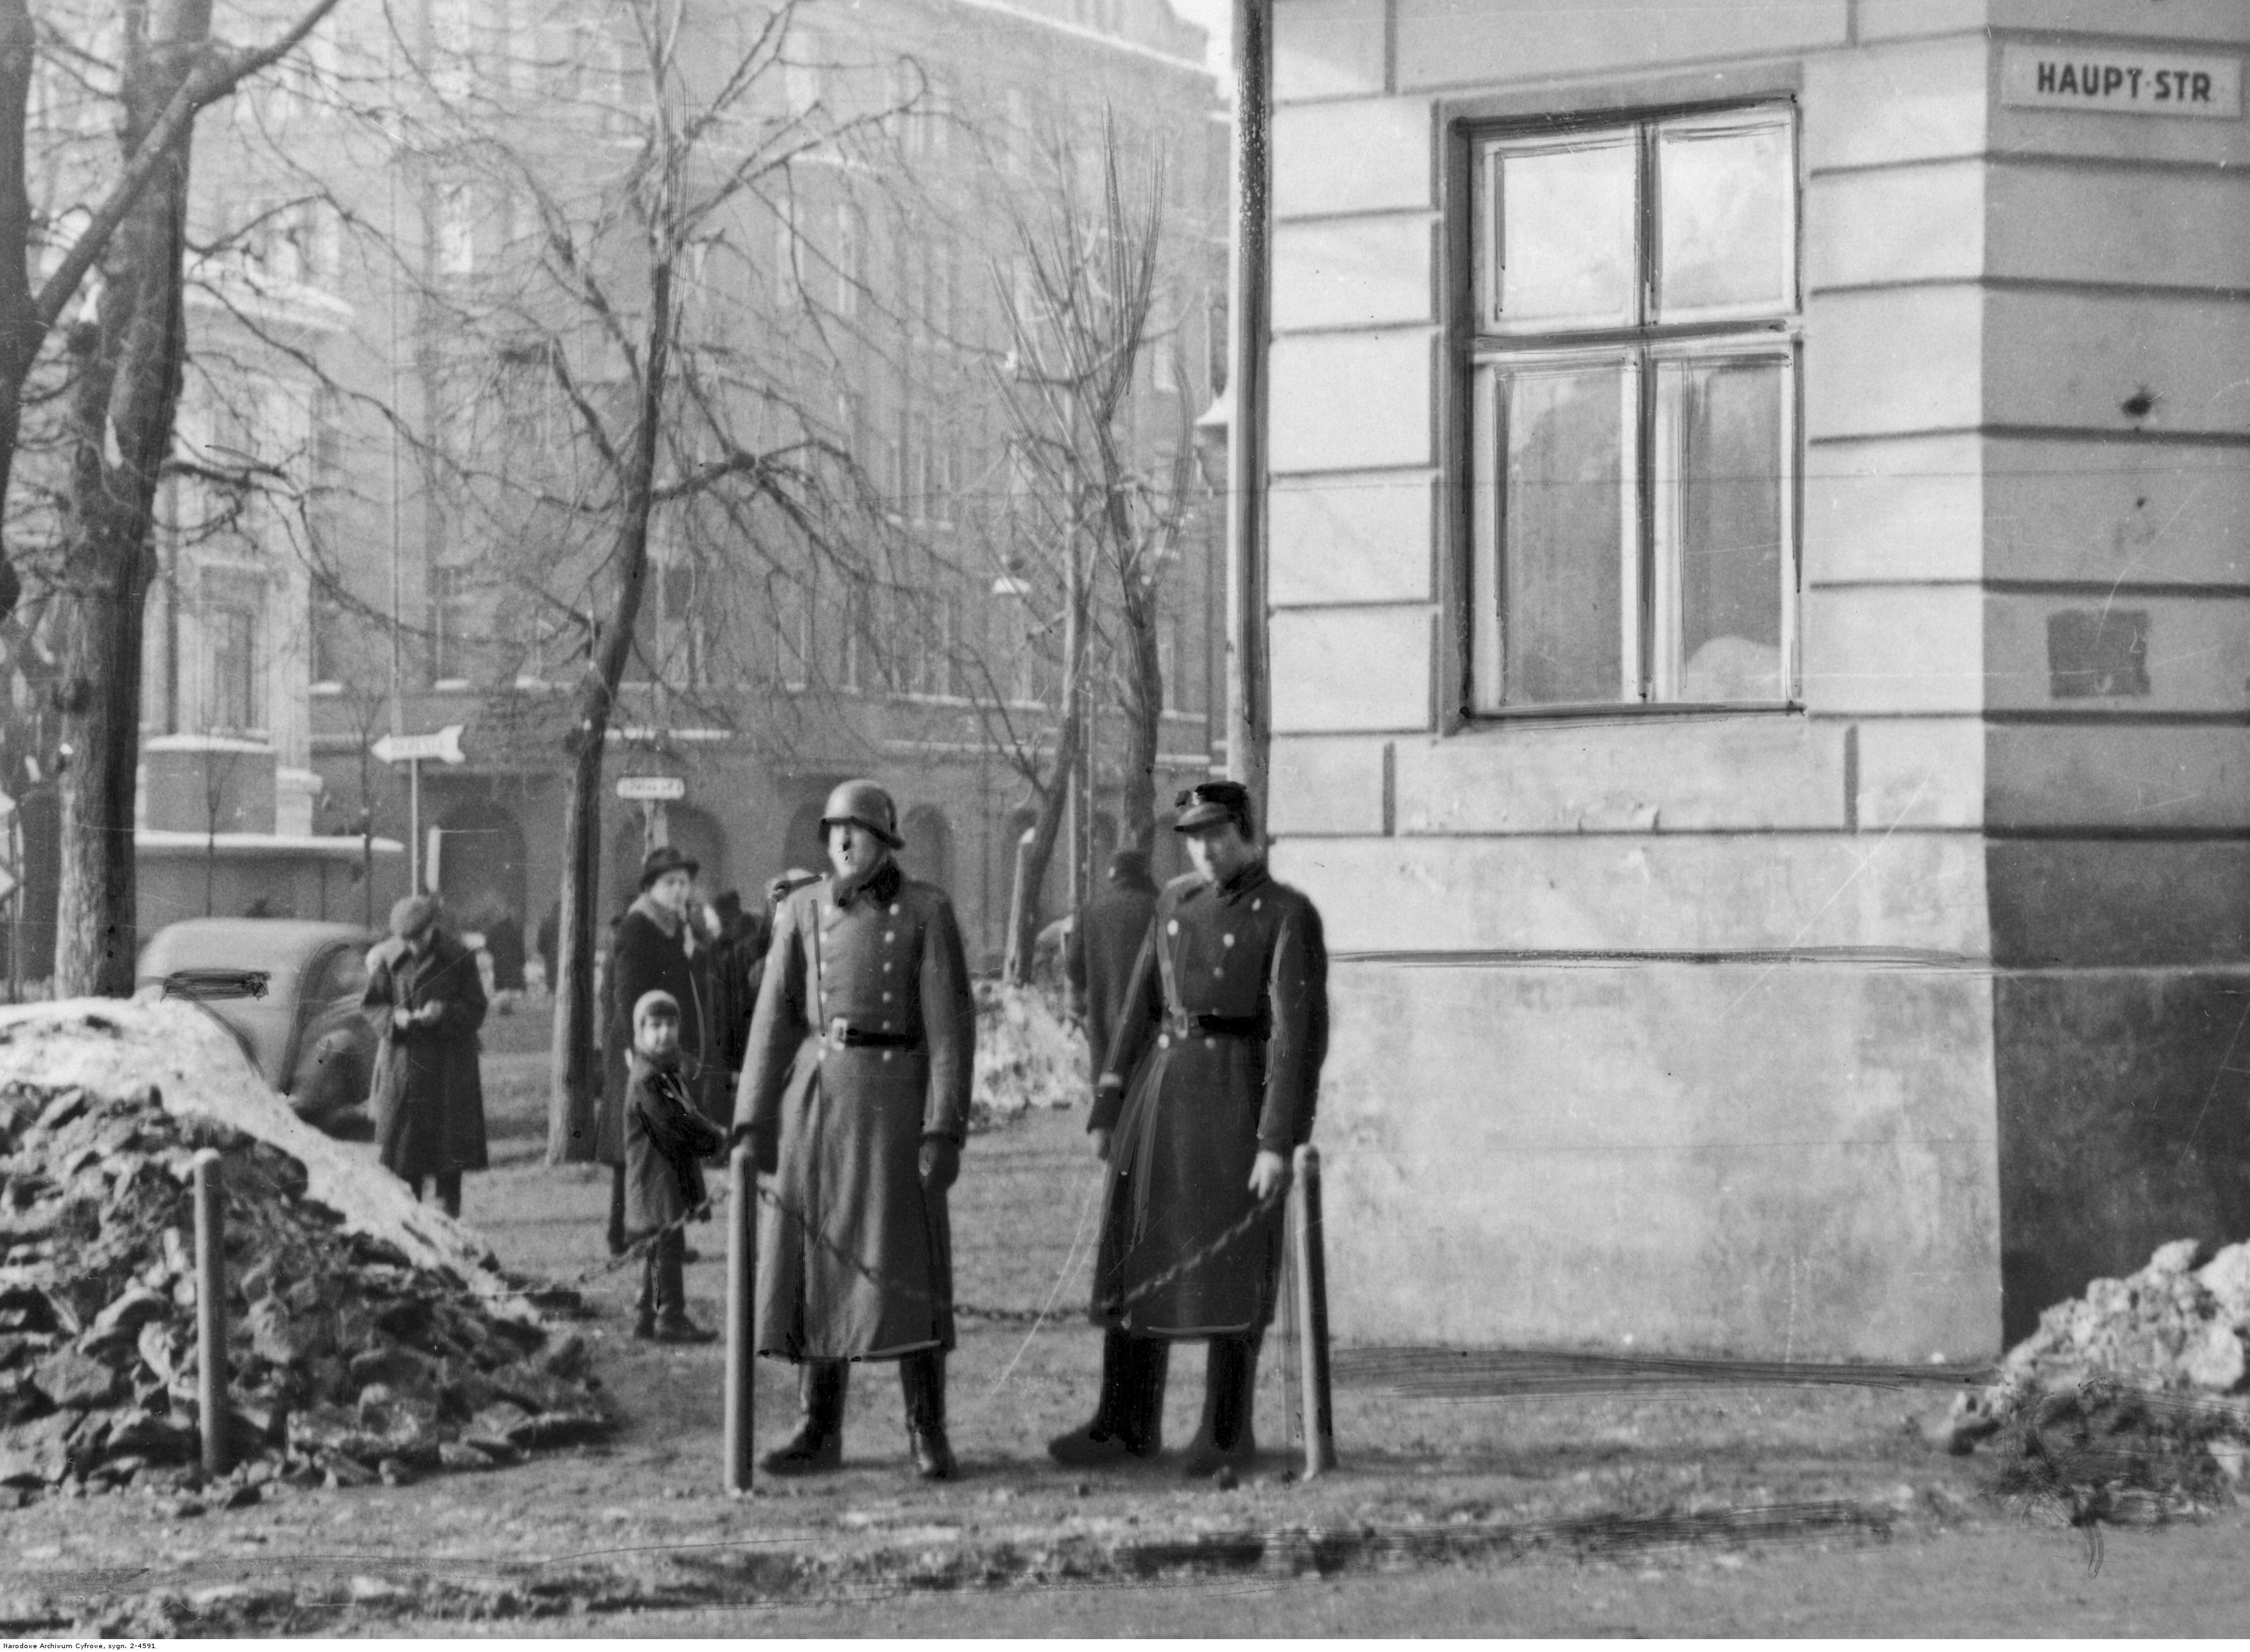 1942. Немецкий и украинский полицейские на пересечении улиц во Львове. Февраль